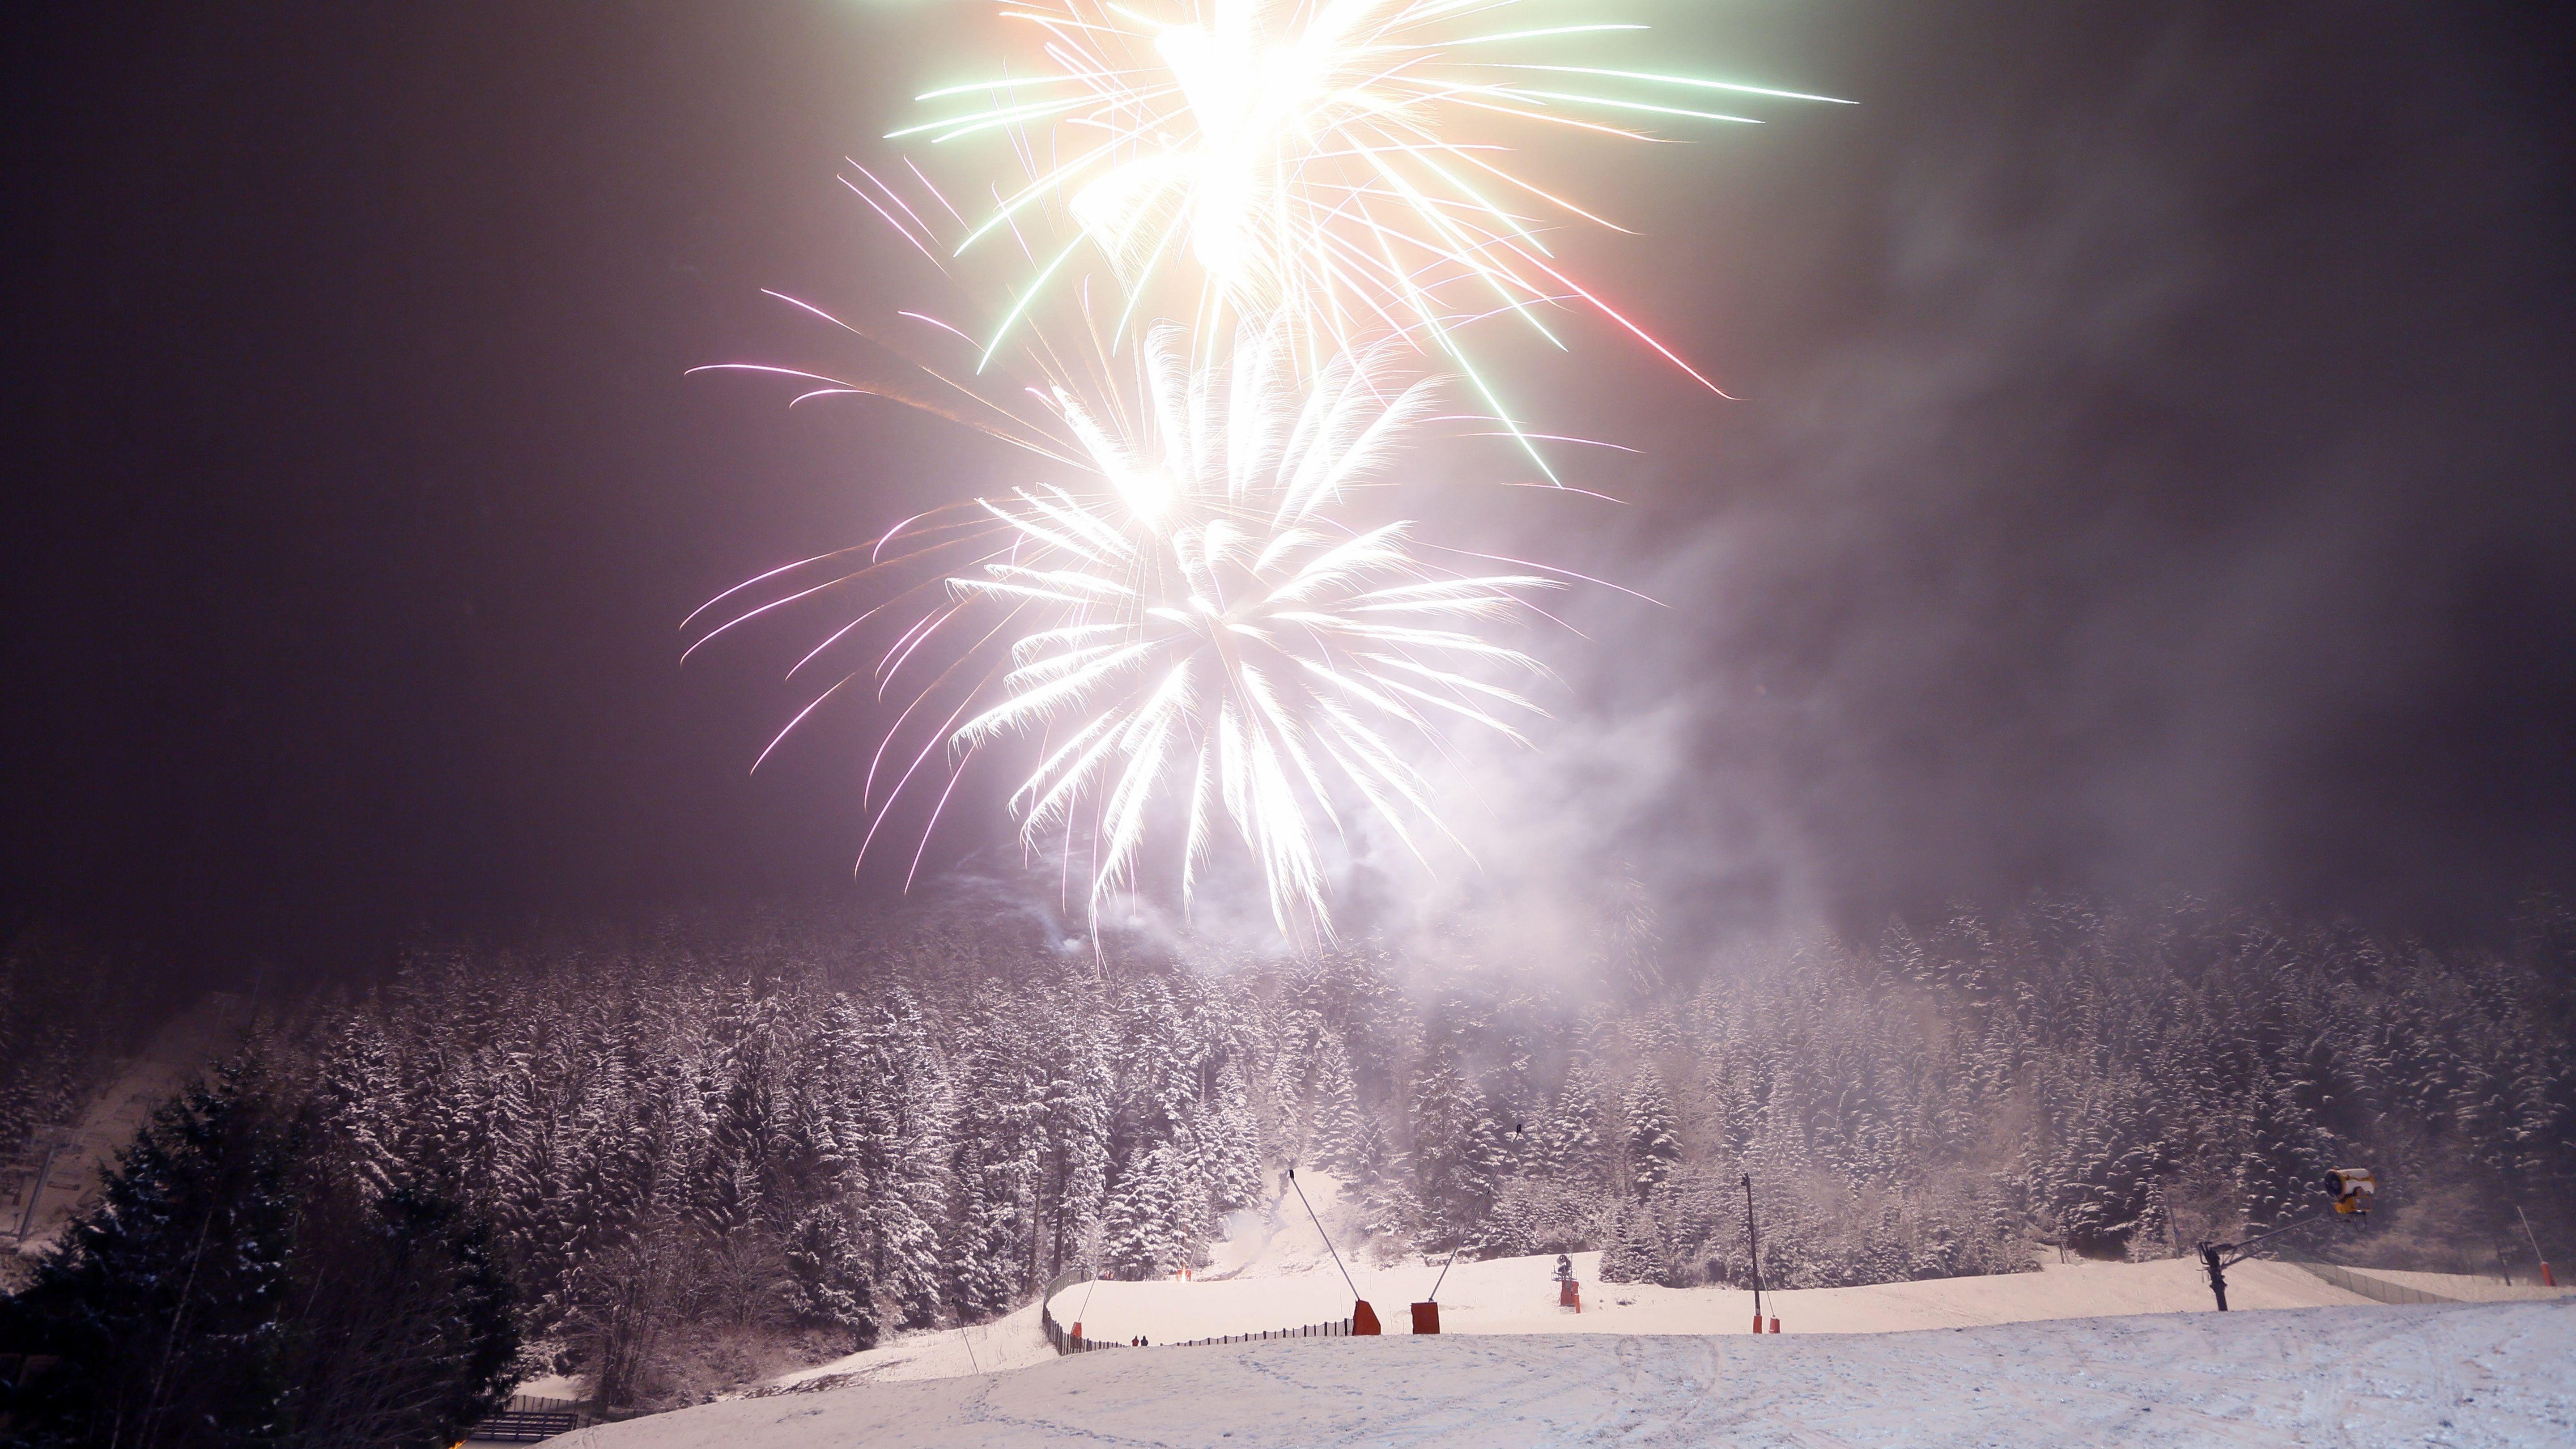 Feuerwerk in der Natur (Symbolbild)